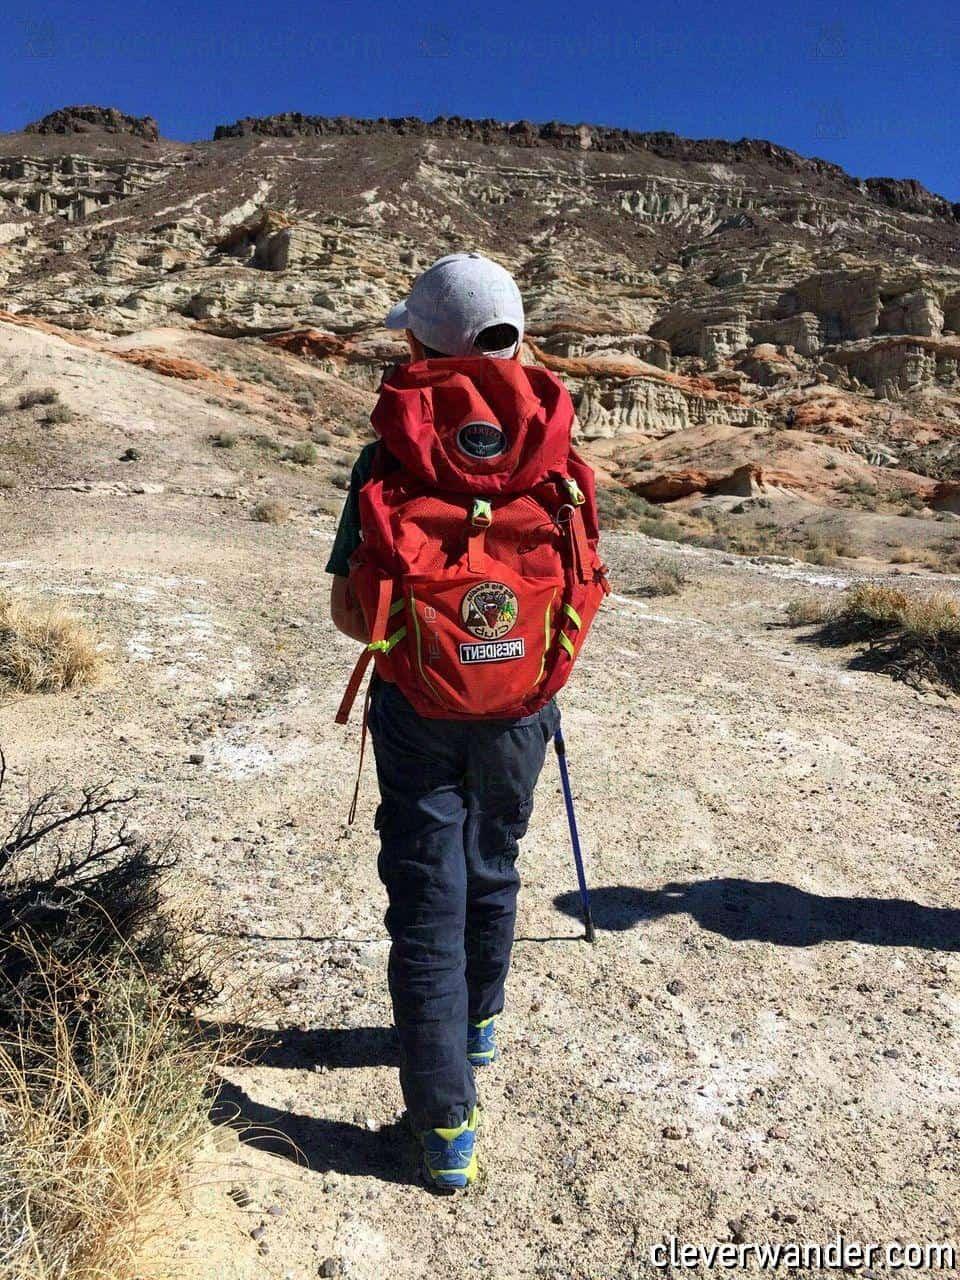 Osprey Jet Kids Backpack - image review 1